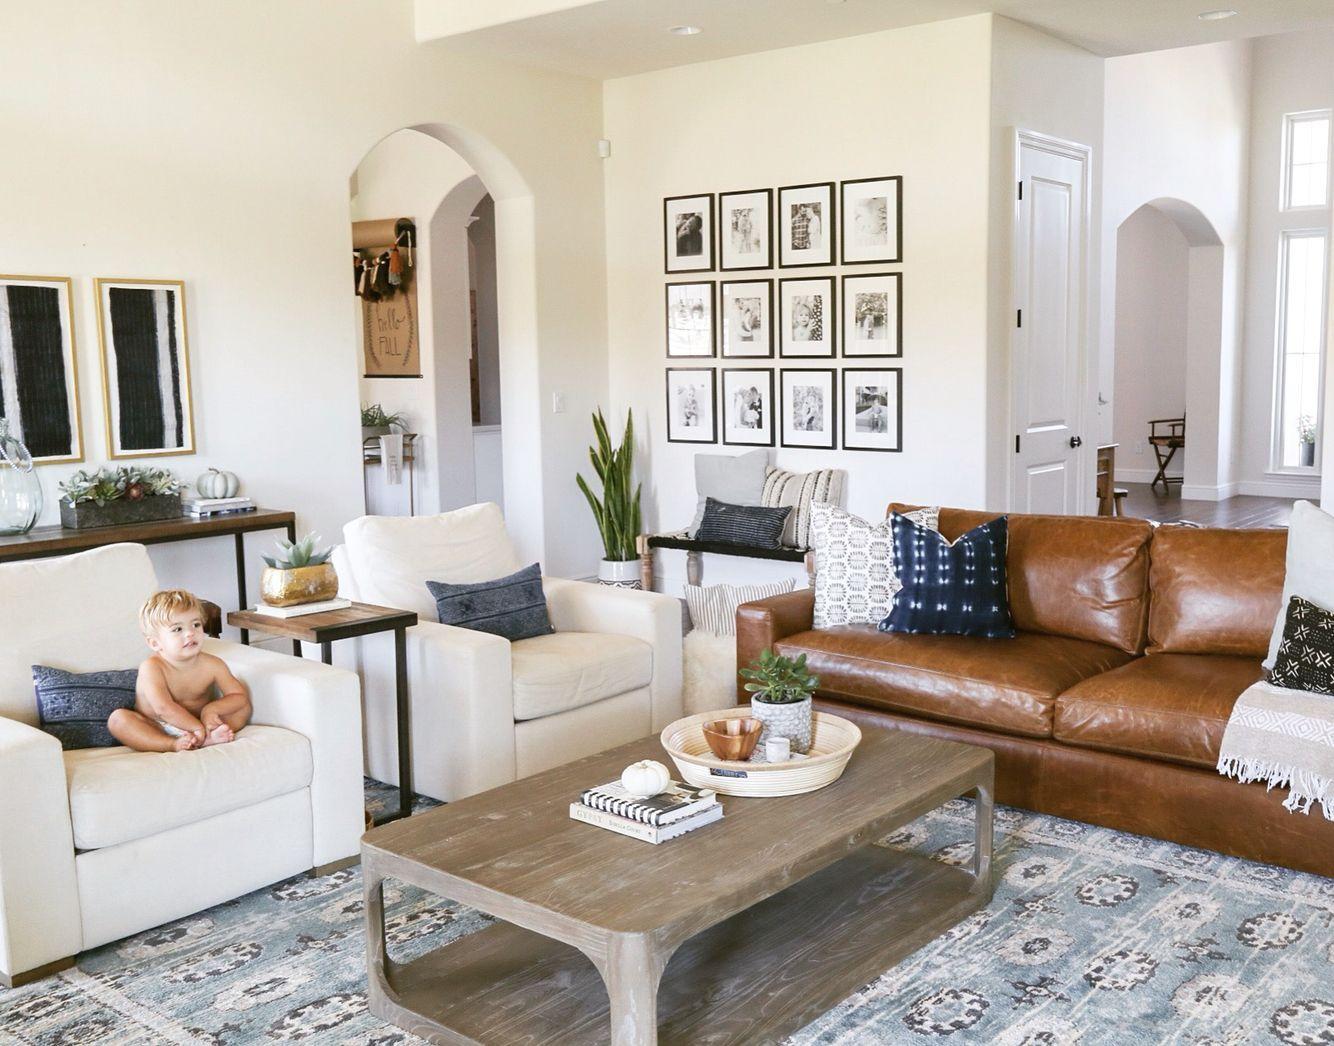 Living room decor, interior design, traditional, modern, boho, camel ...